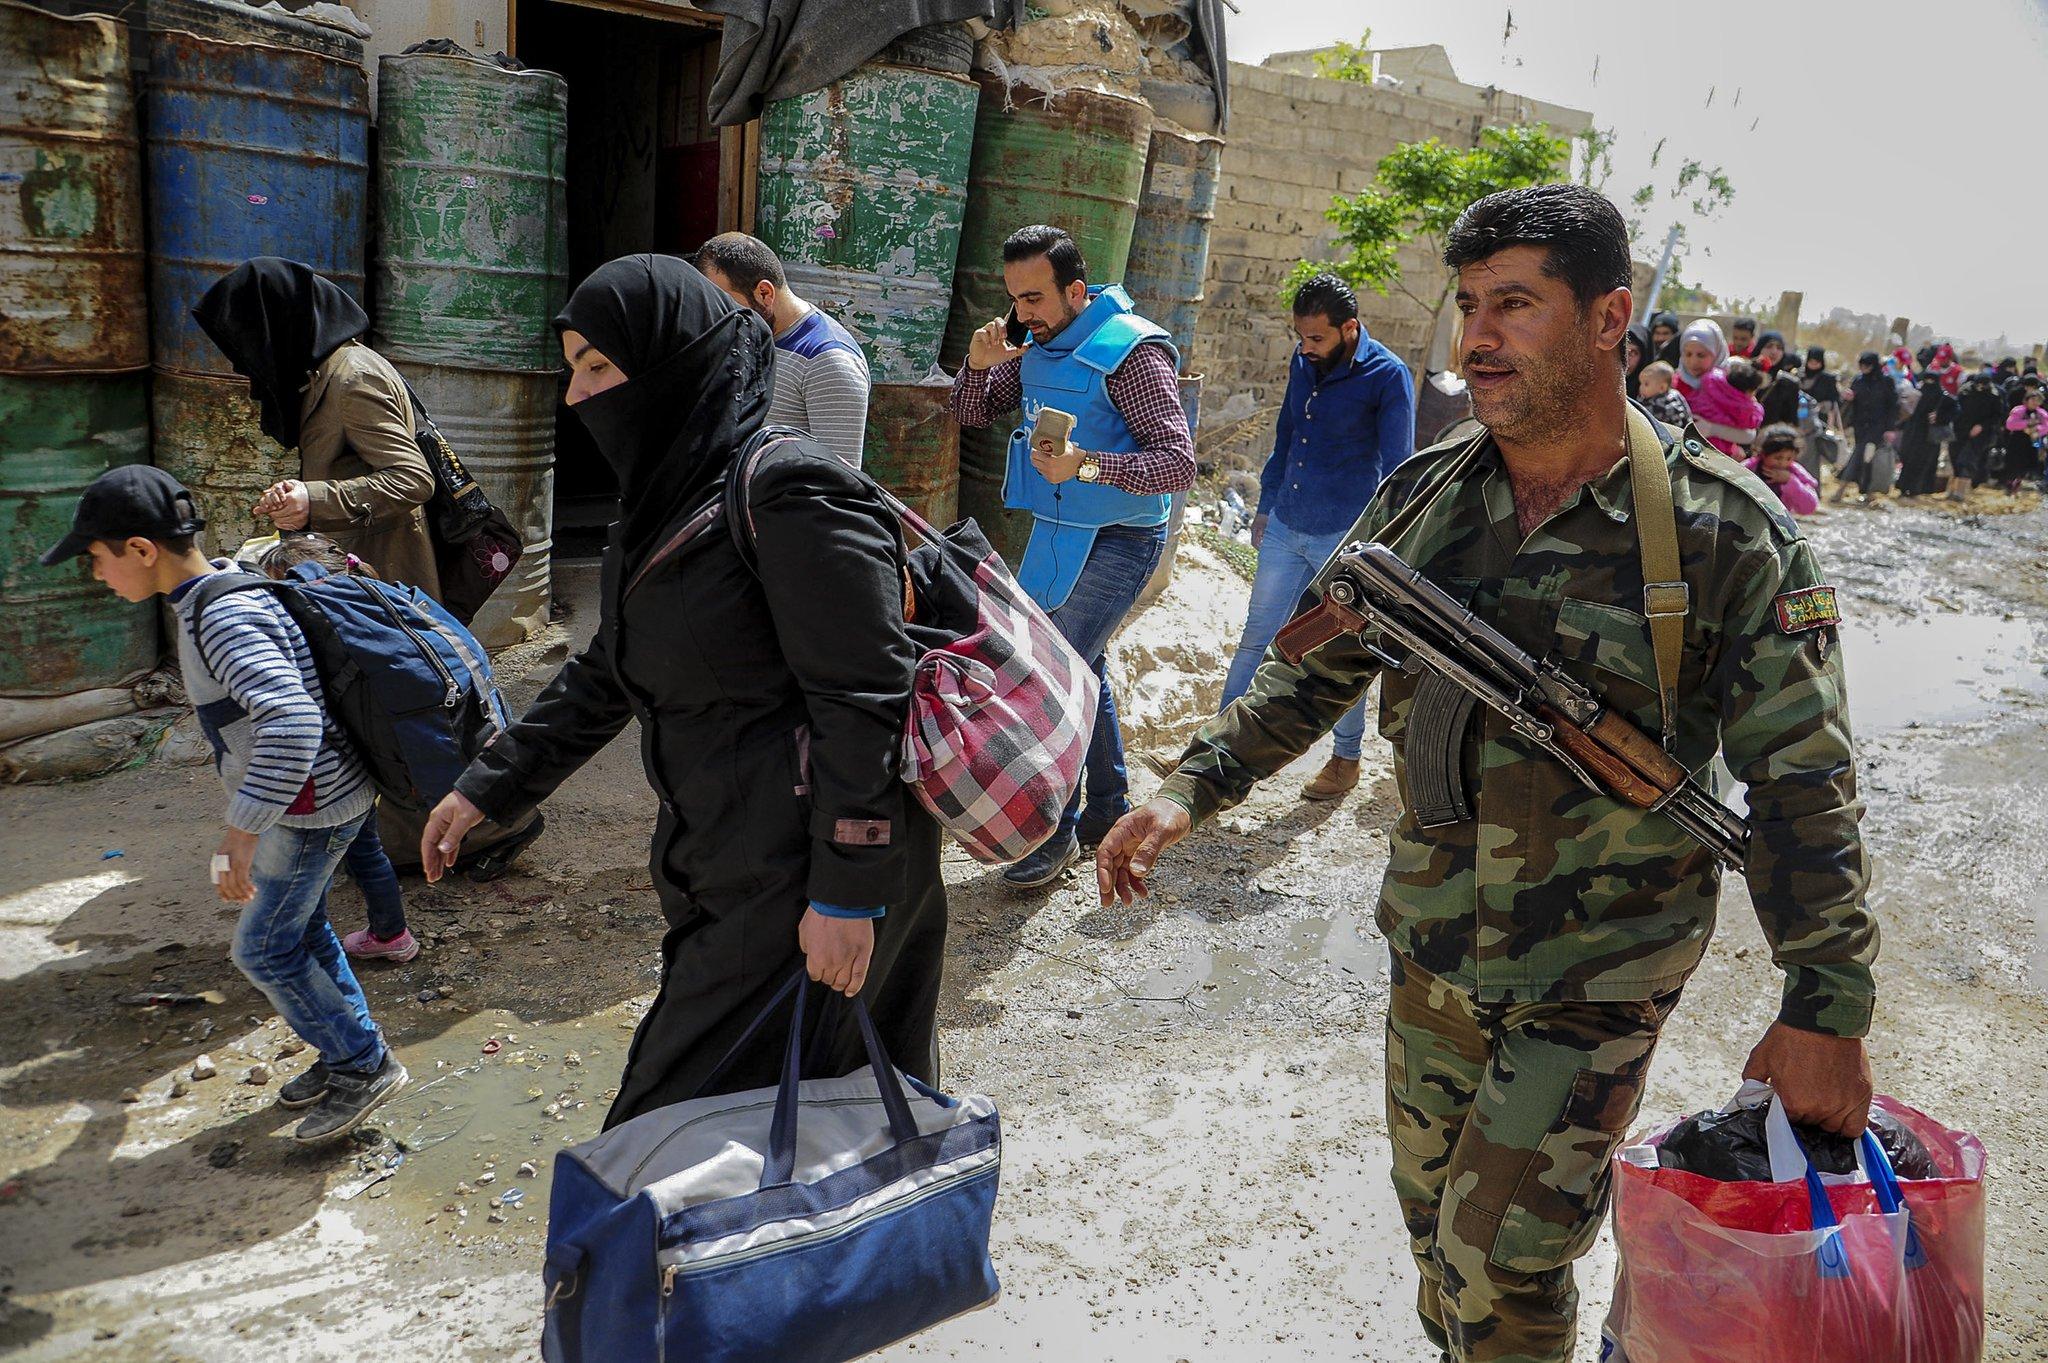 Konferencija o Siriji u Bruxellesu: Izbjeći humanitarnu katastrofu